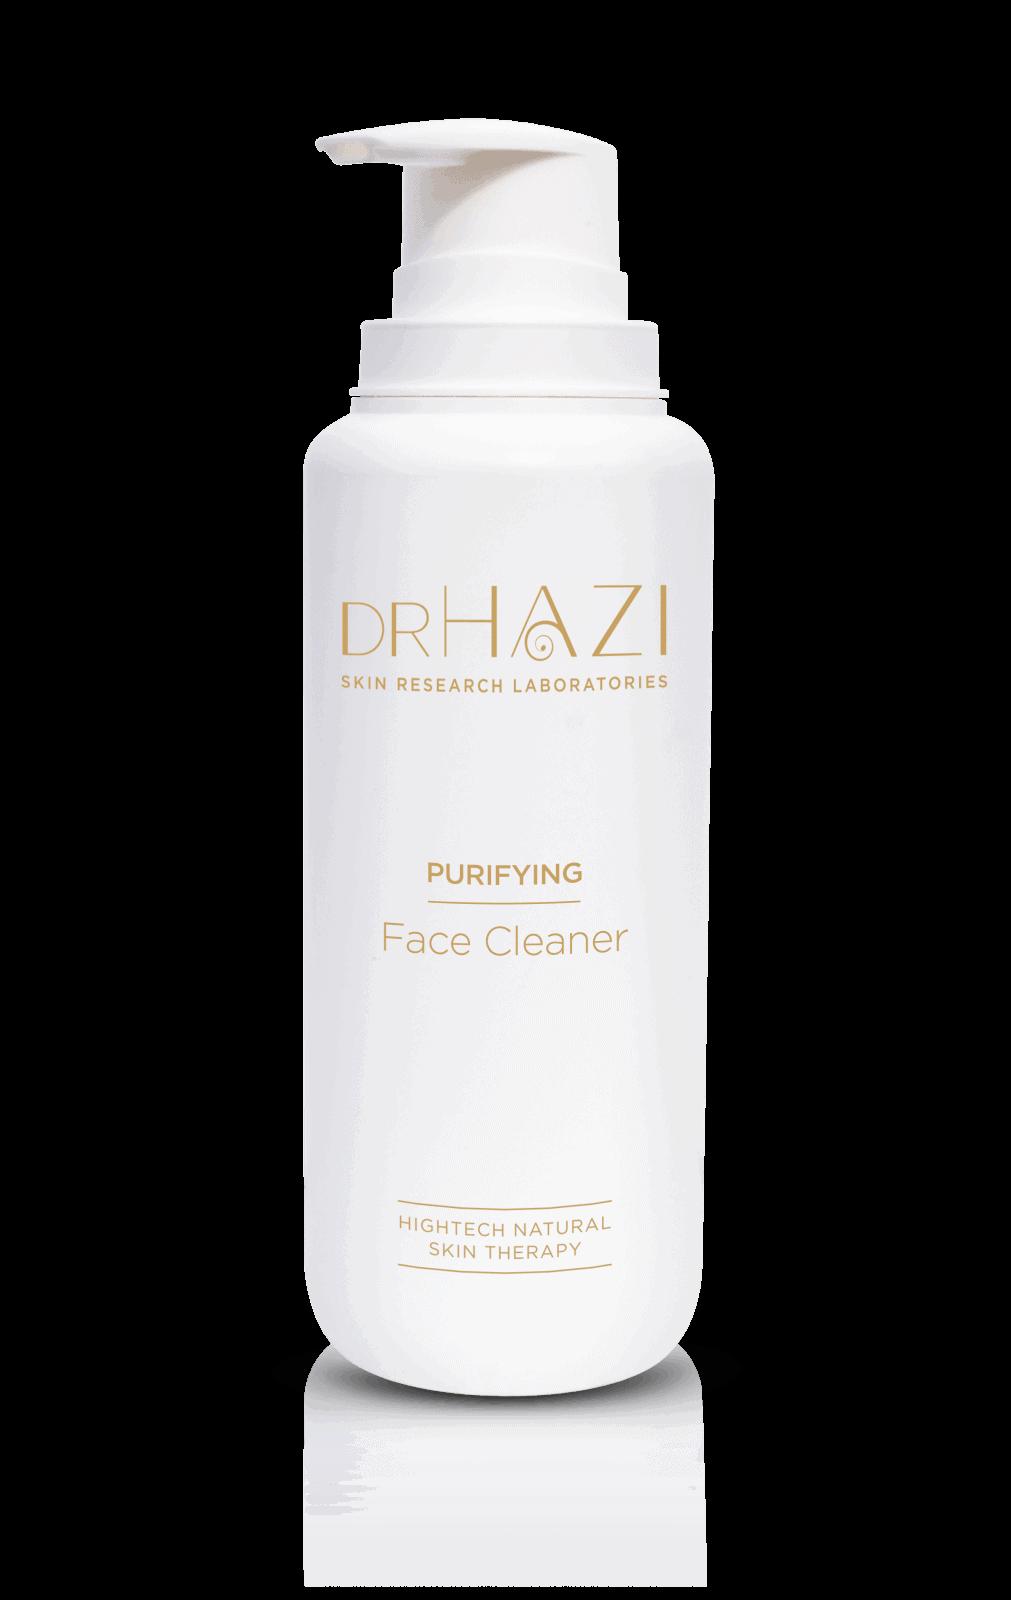 PURIFYING - Unreine Haut richtig Pflegen Intensives Reinigungsgel gegen unreine Haut